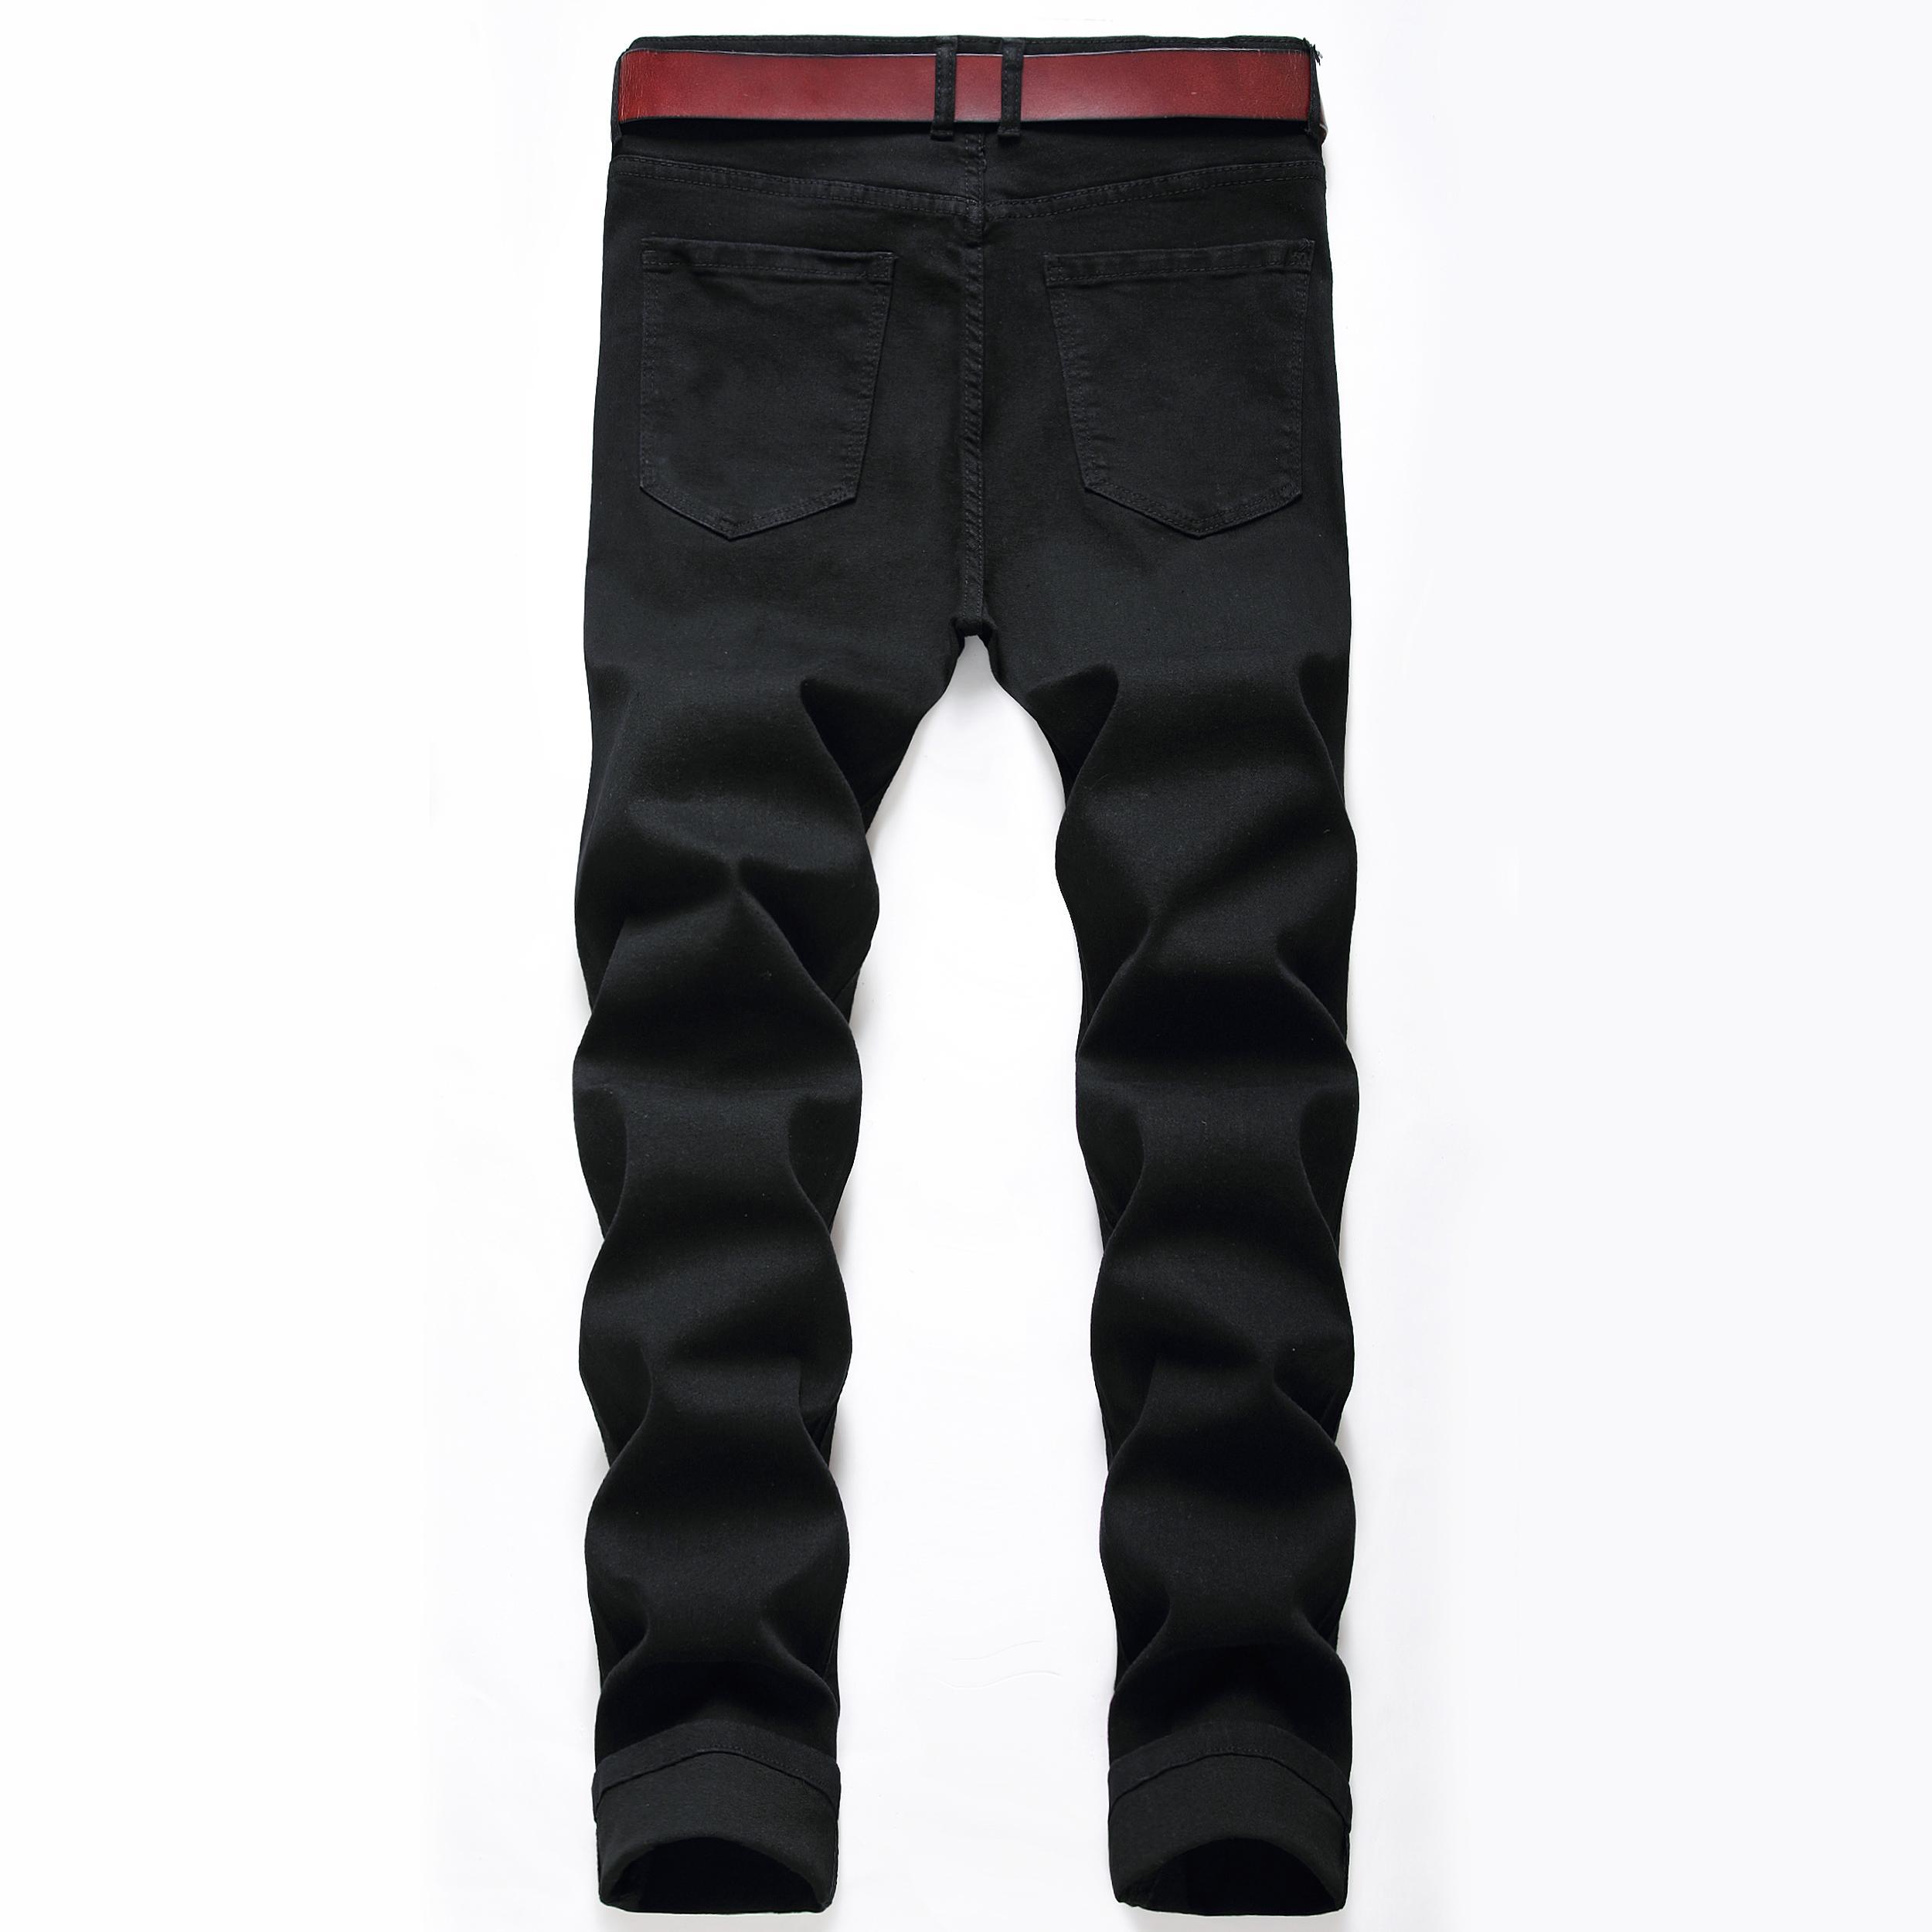 Jeans 2020.7.22New uomini di modo nere strappate scarne Stretch Slim ovest hip hop malloppo denim pantaloni Motociclista Jogger